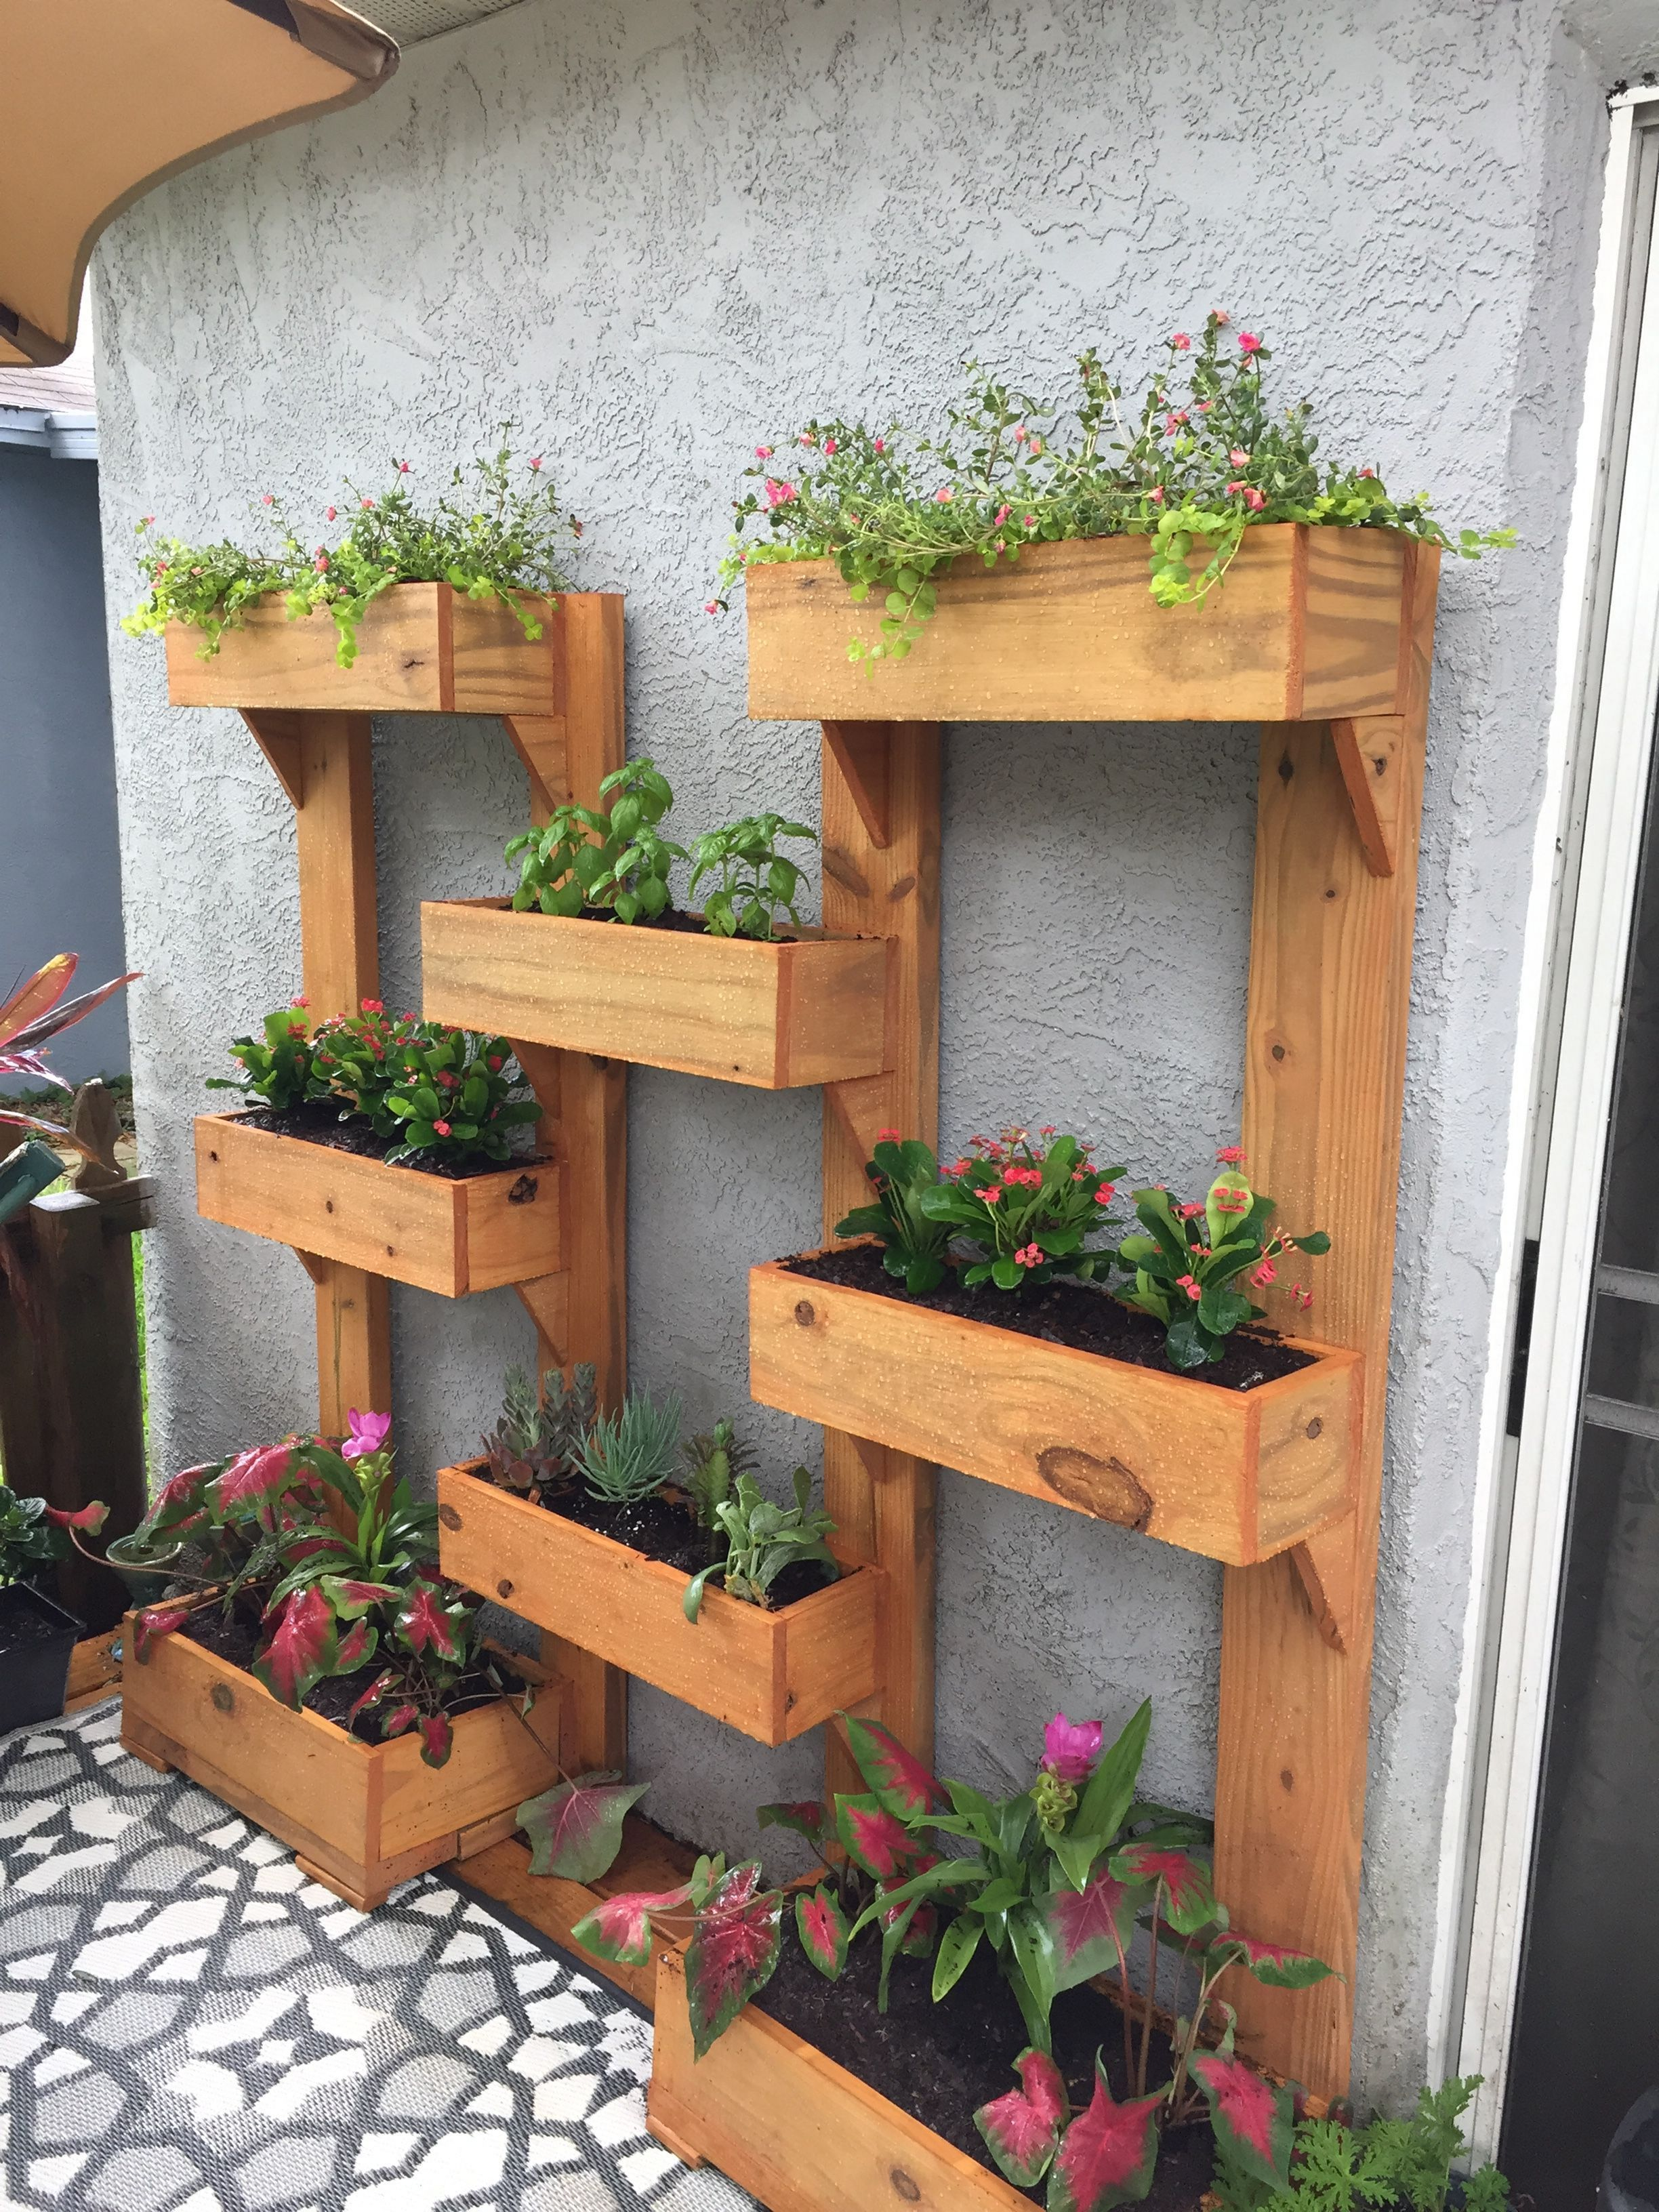 How to Design Beautiful Vertical Garden (30 Best Pictures) #garden